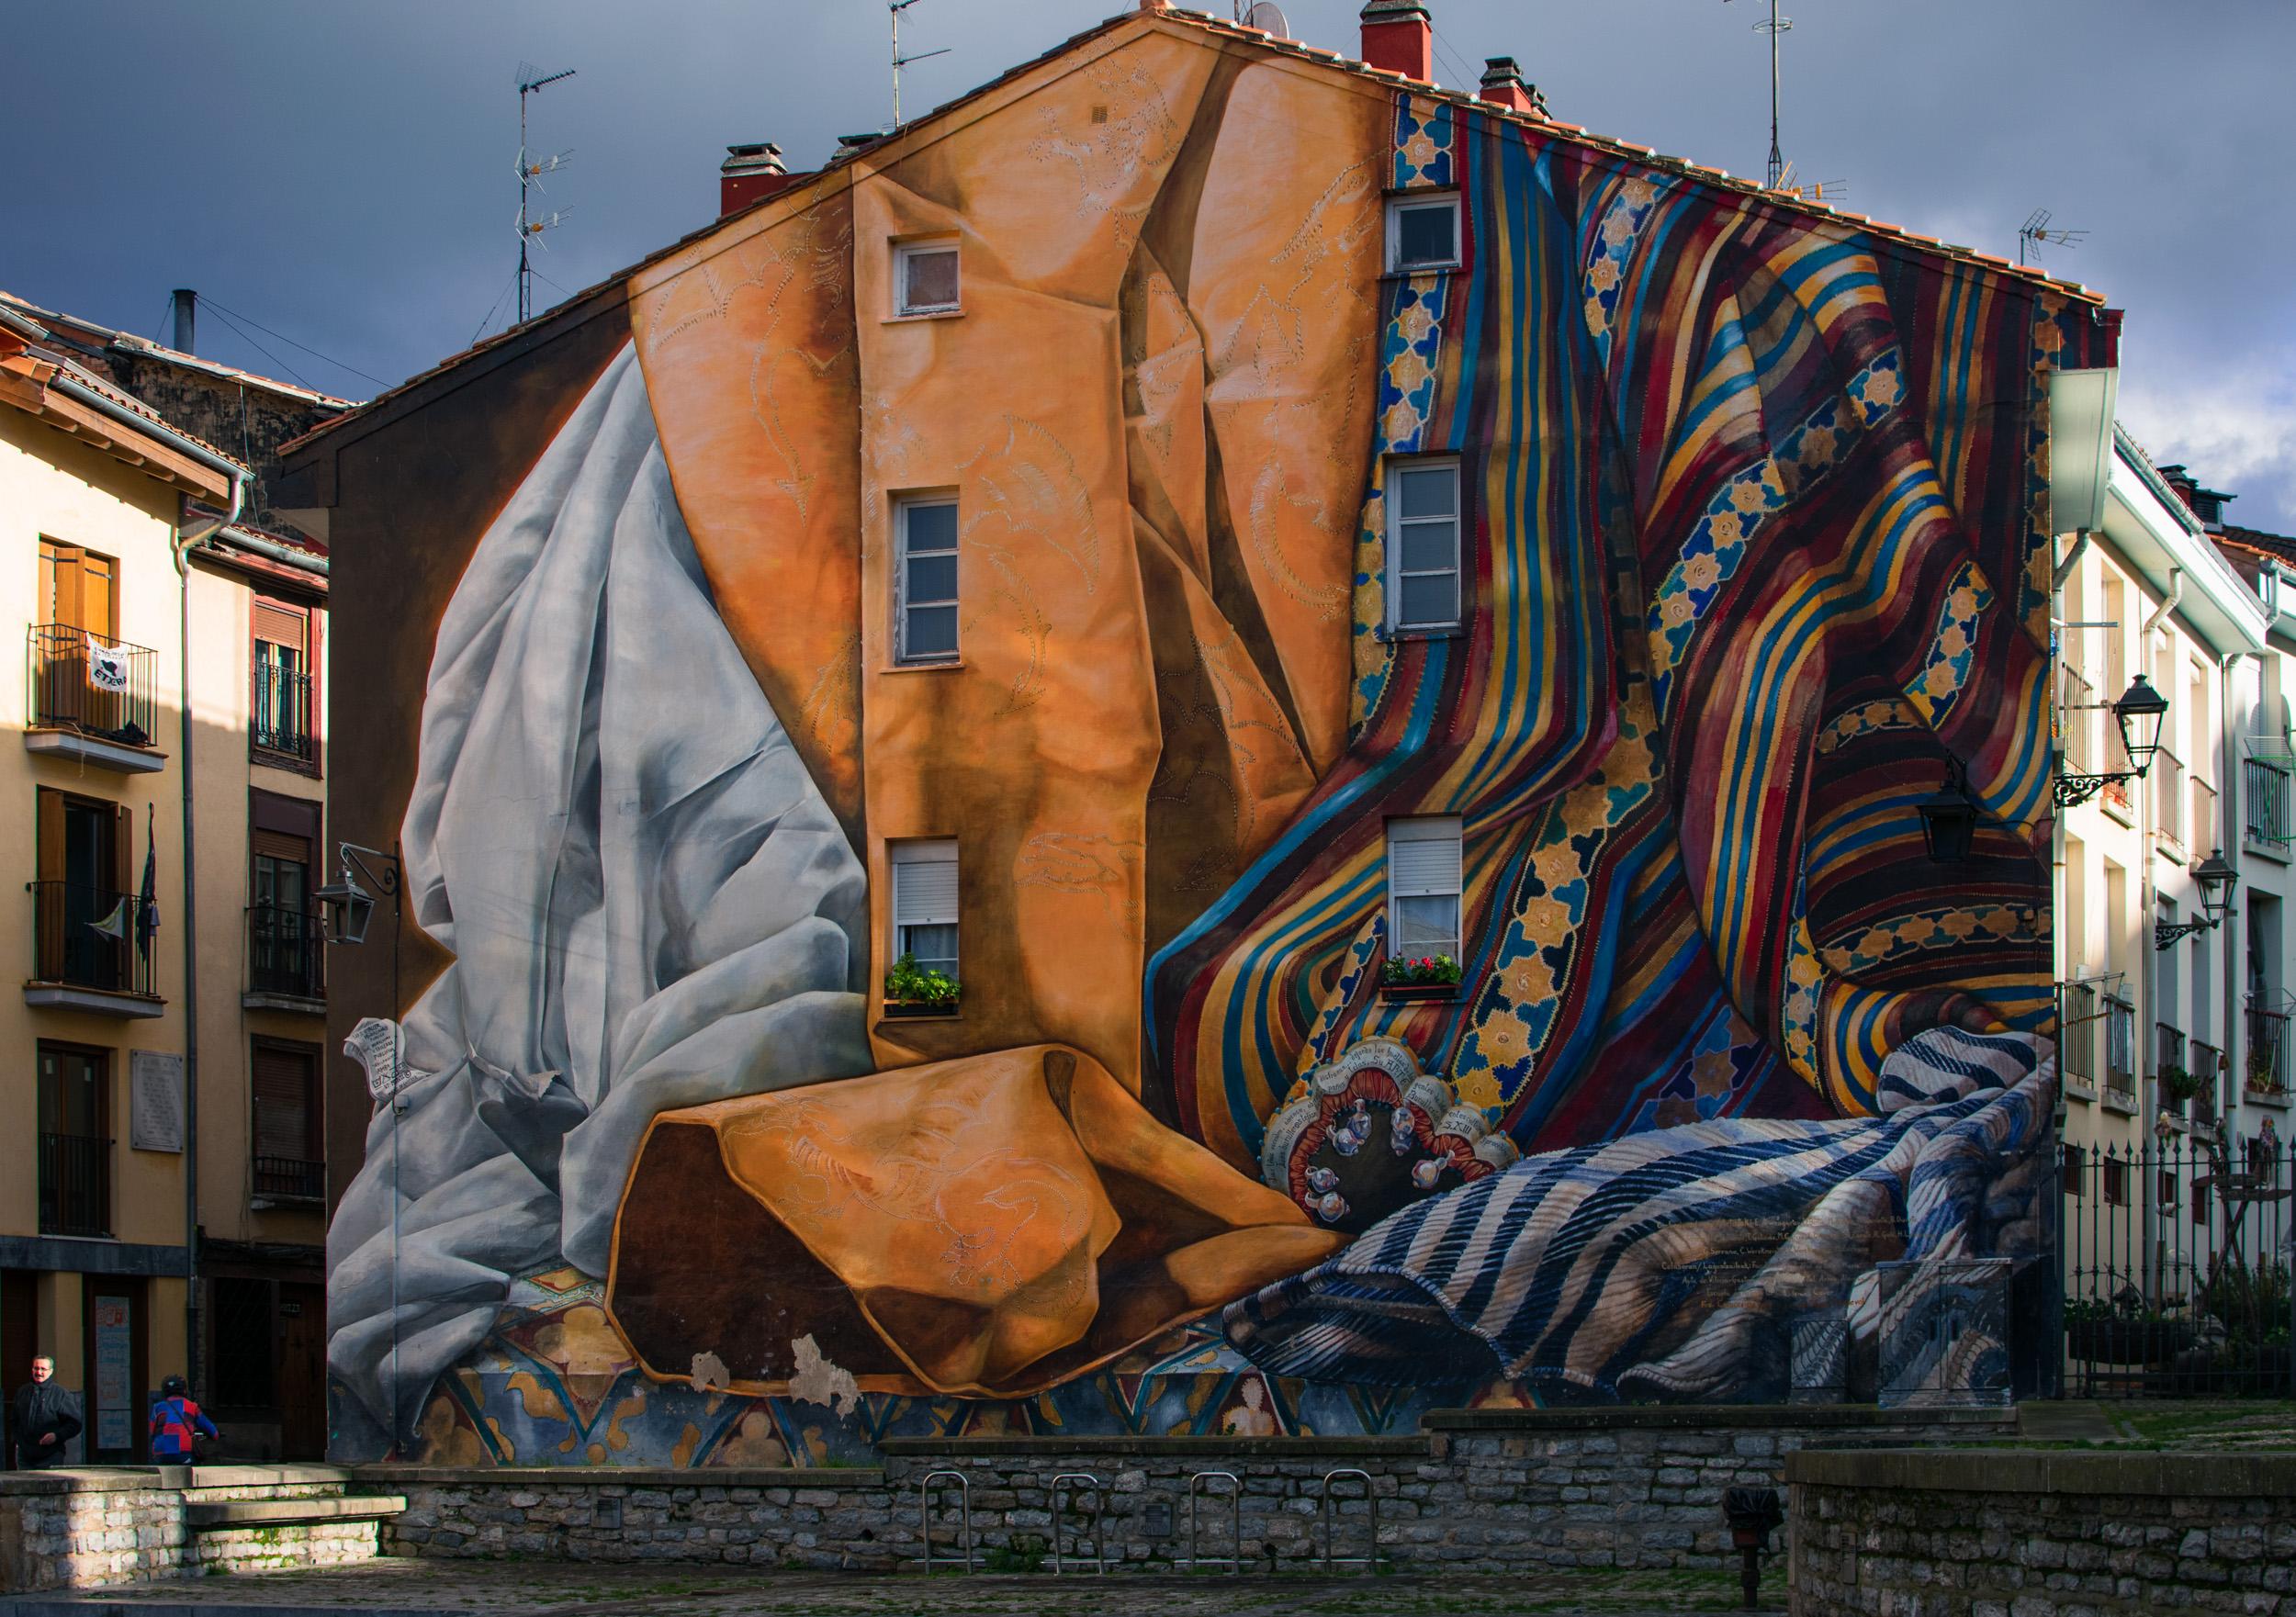 Murals in Vitoria